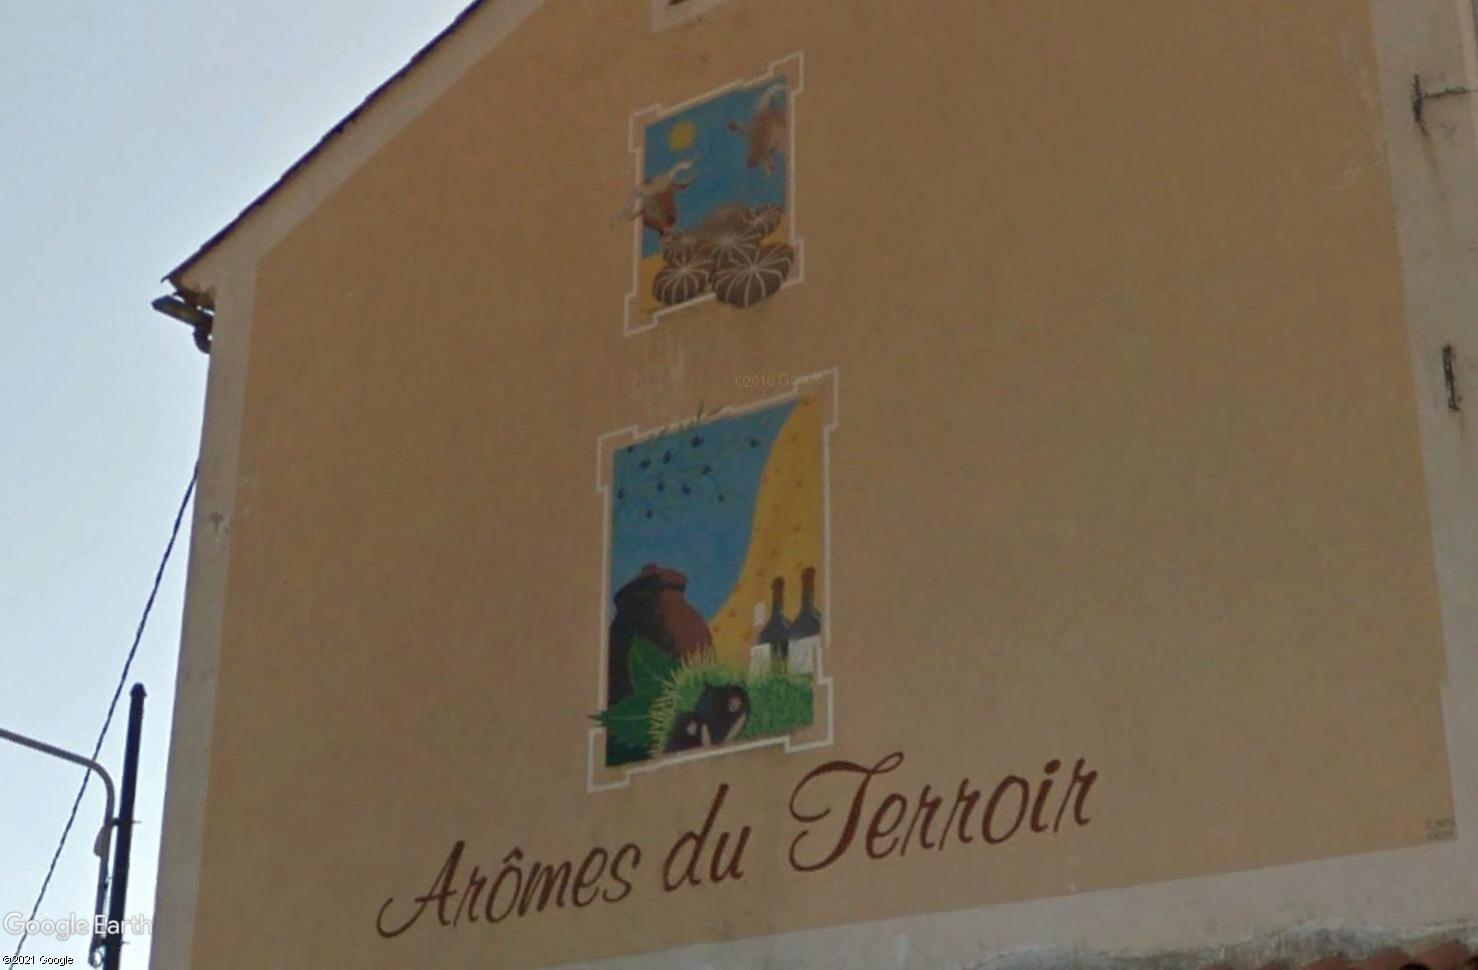 Les villages qui ont donné leur nom à un fromage (sujet touristique !) - Page 2 A2277